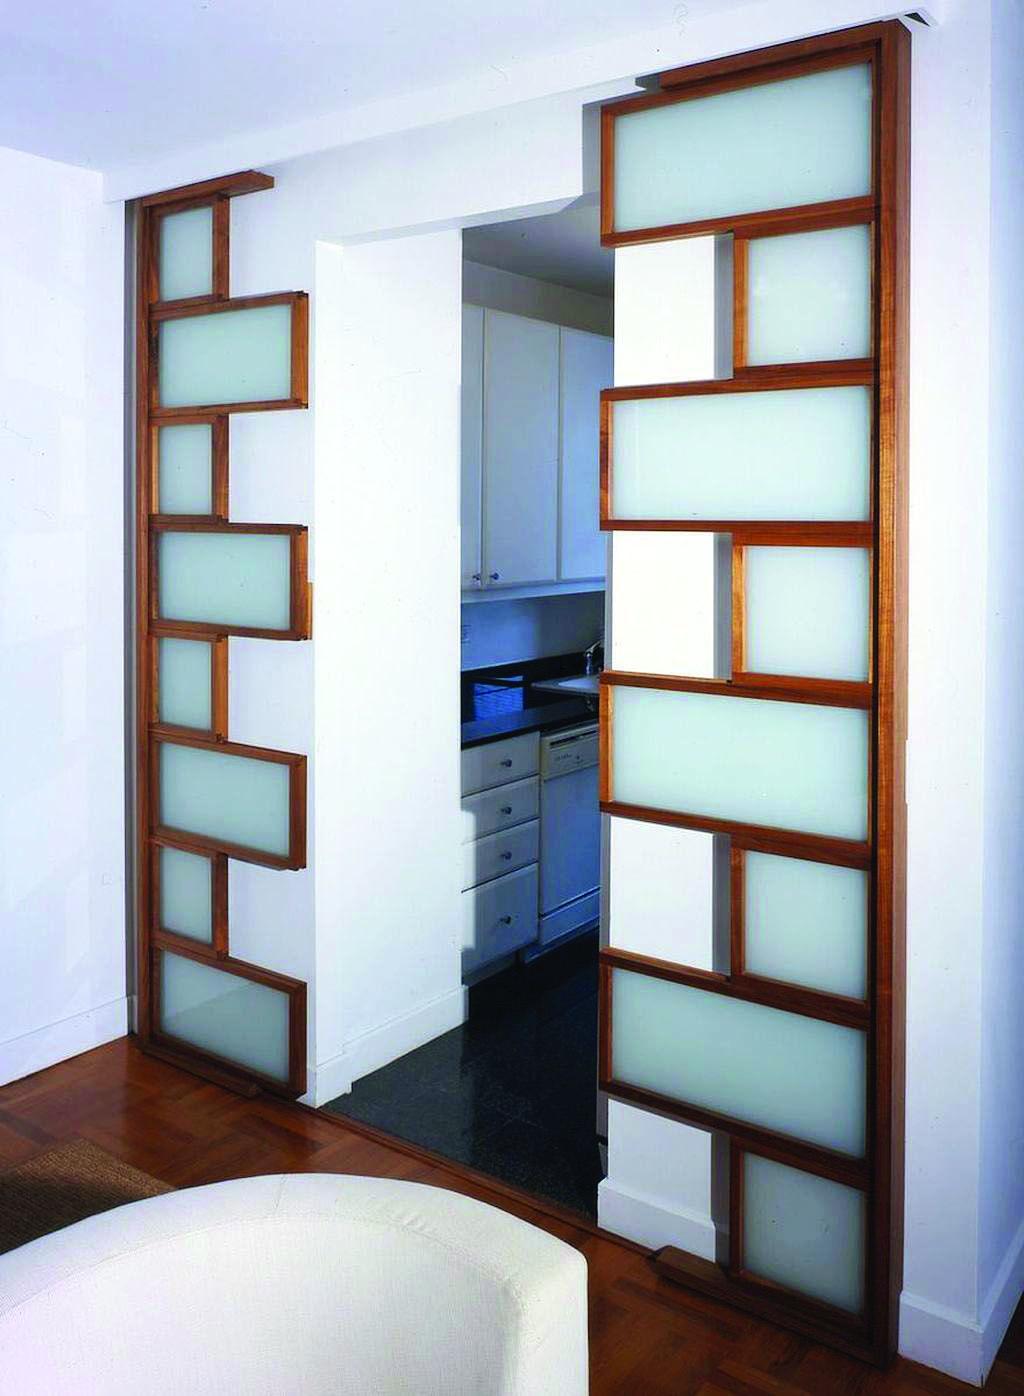 Moving door styles for bedroom Sliding glass door, Room